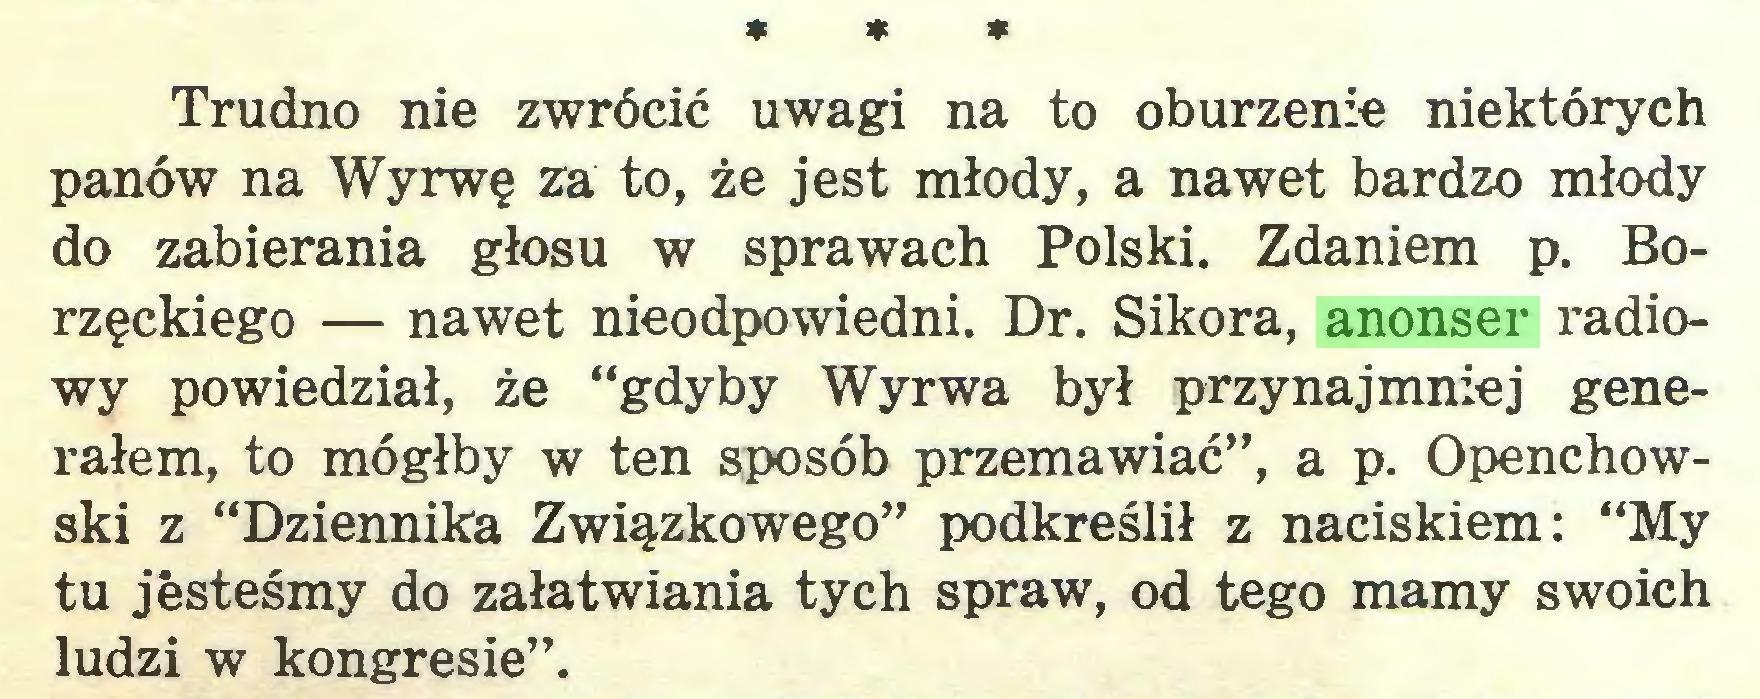 """(...) * * * Trudno nie zwrócić uwagi na to oburzenie niektórych panów na Wyrwę za to, że jest młody, a nawet bardzo młody do zabierania głosu w sprawach Polski. Zdaniem p. Borzęckiego — nawet nieodpowiedni. Dr. Sikora, anonser radiowy powiedział, że """"gdyby Wyrwa był przynajmniej generałem, to mógłby w ten sposób przemawiać"""", a p. Openchowski z """"Dziennika Związkowego"""" podkreślił z naciskiem: """"My tu jesteśmy do załatwiania tych spraw, od tego mamy swoich ludzi w kongresie""""..."""